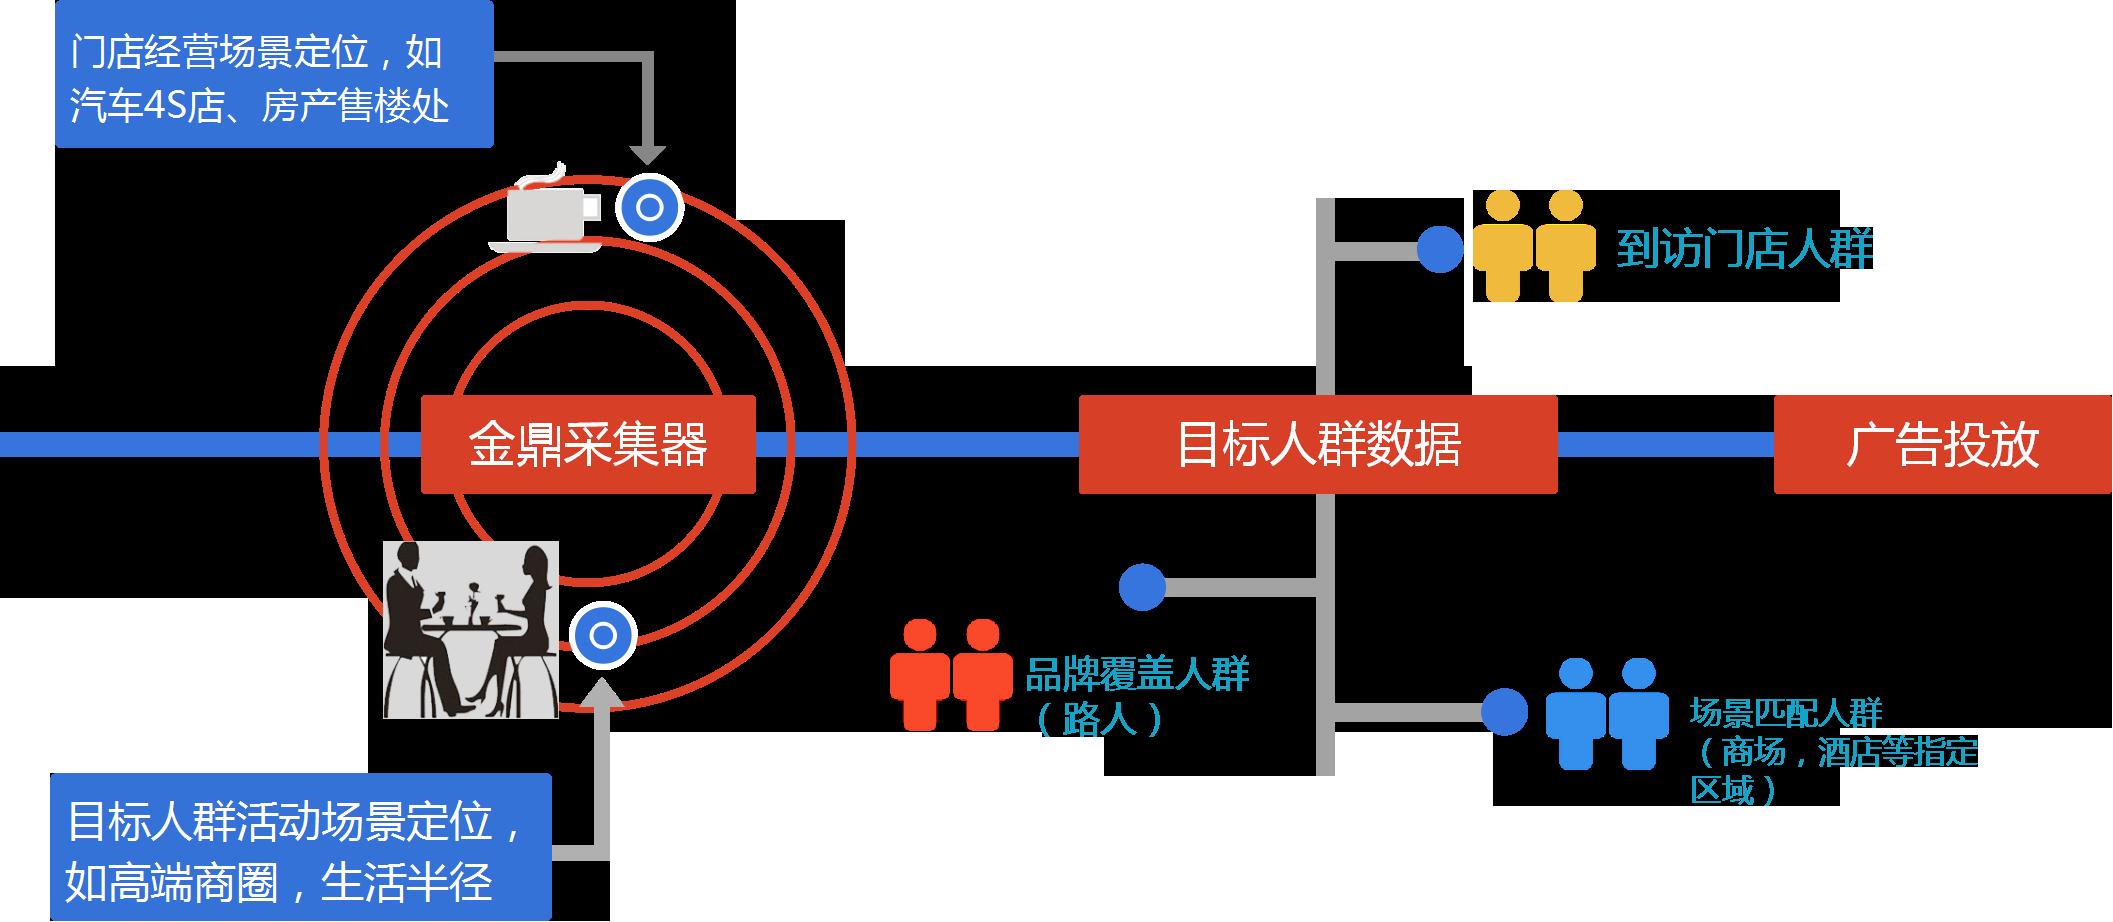 www.lc777.com大数据营销